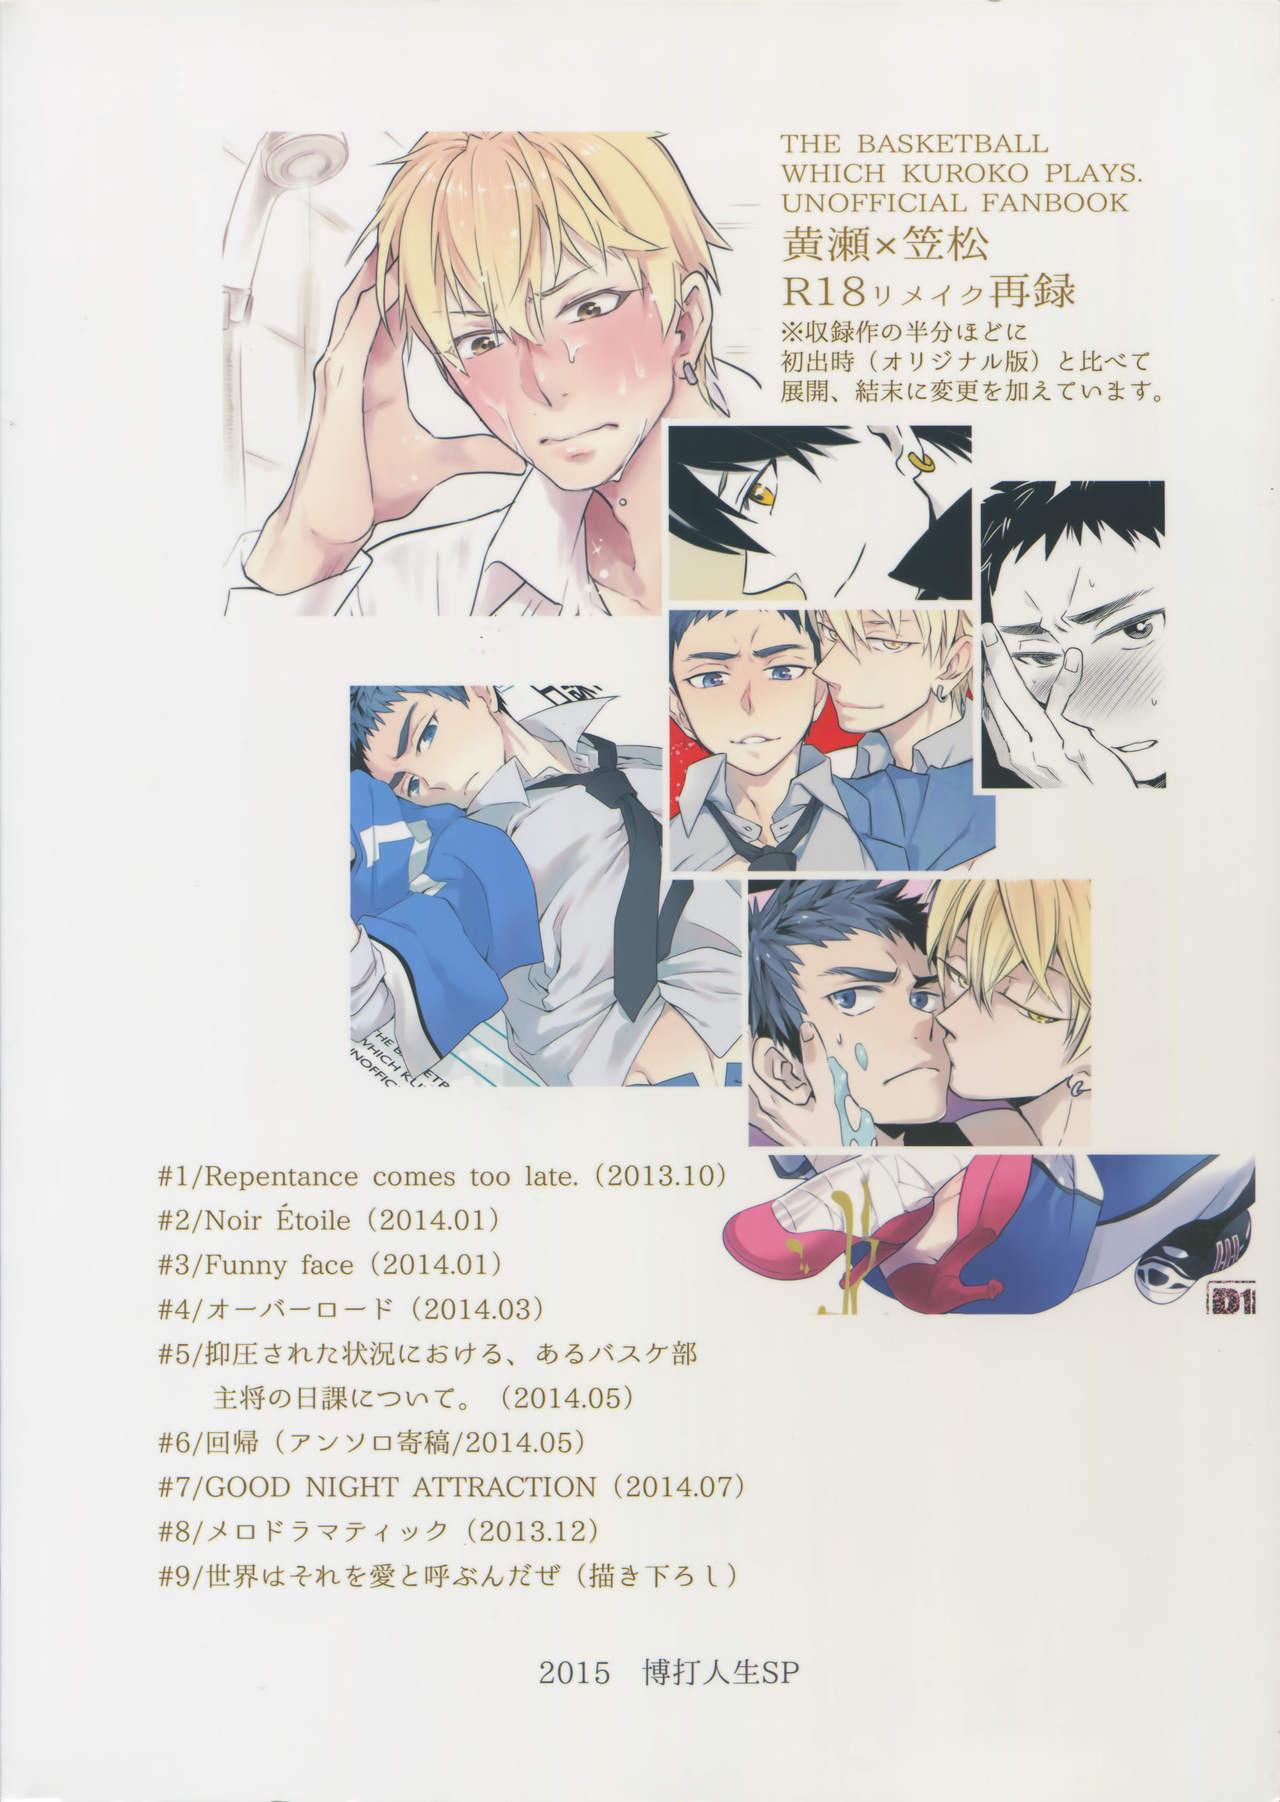 [Bakuchi Jinsei SP (Satsuki Fumi)] Kanpeki Kareshi to Zettai Ryouiki Ouji-sama - Another Version - (Kuroko no Basket) 159